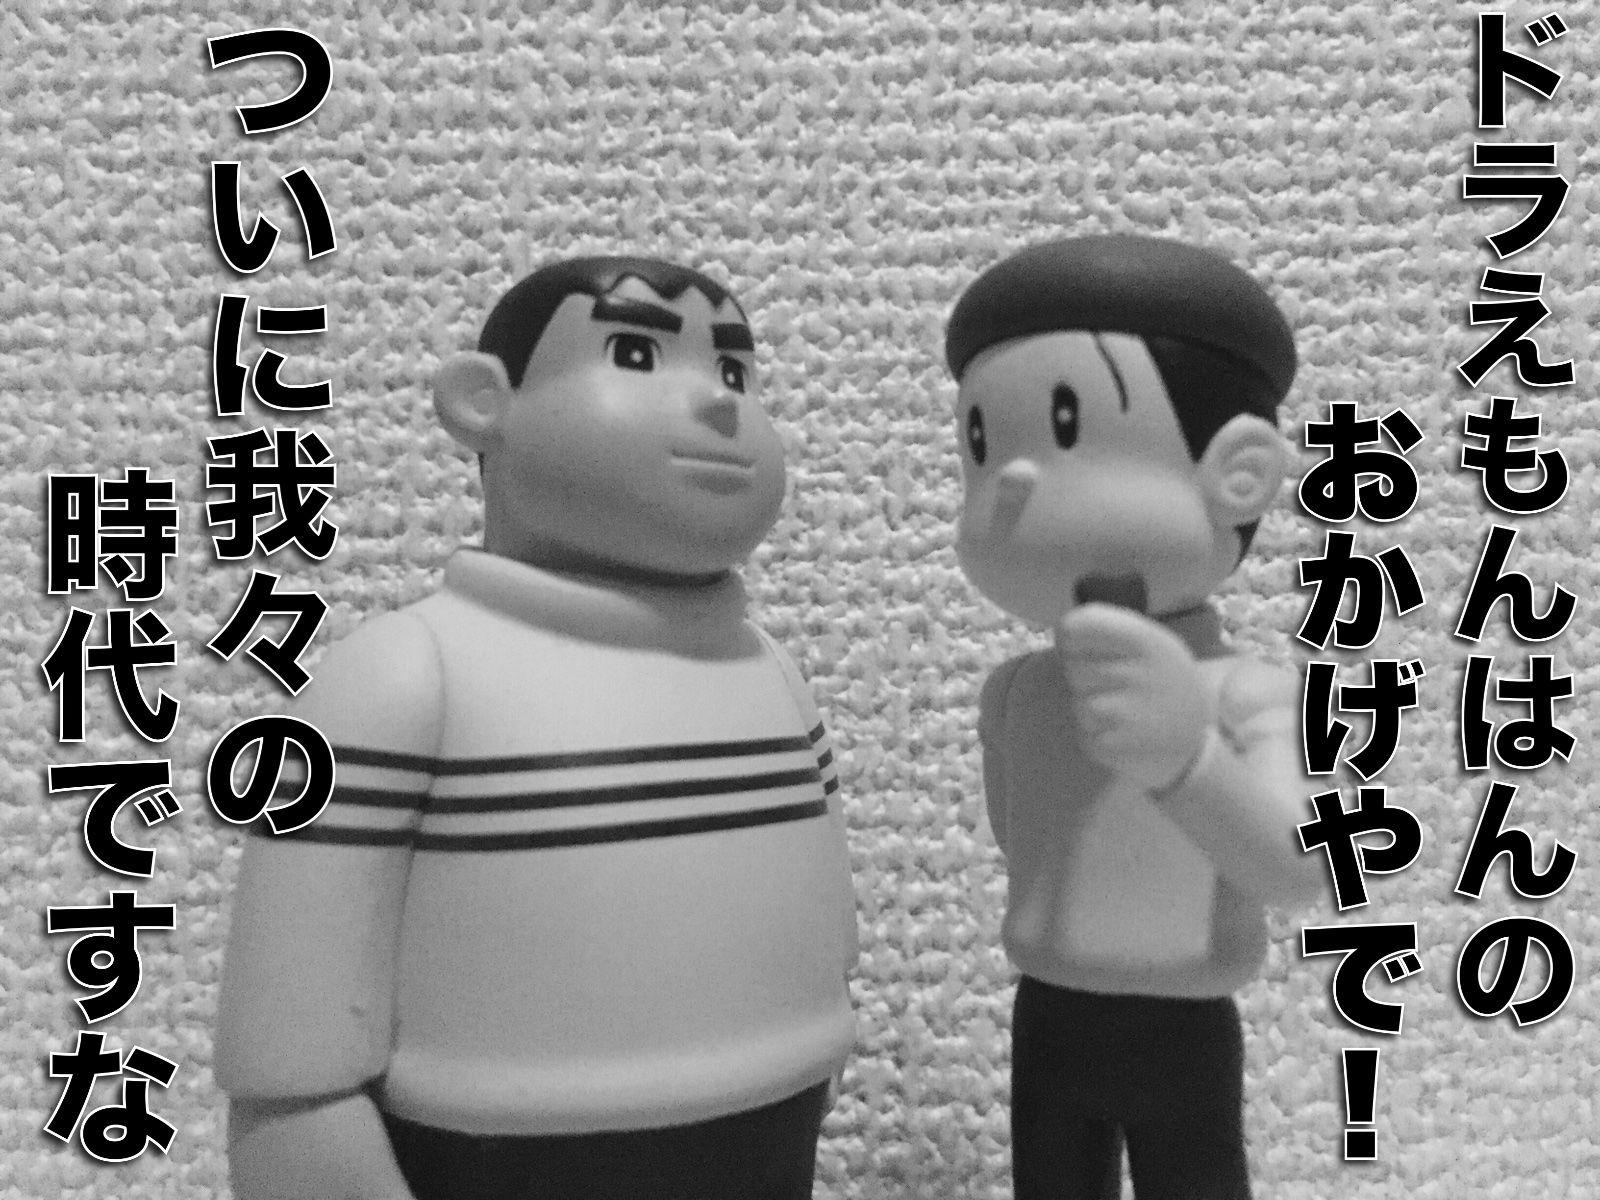 夢の競演?!『ドラえもん』と『キティちゃん』コラボグッズ40選